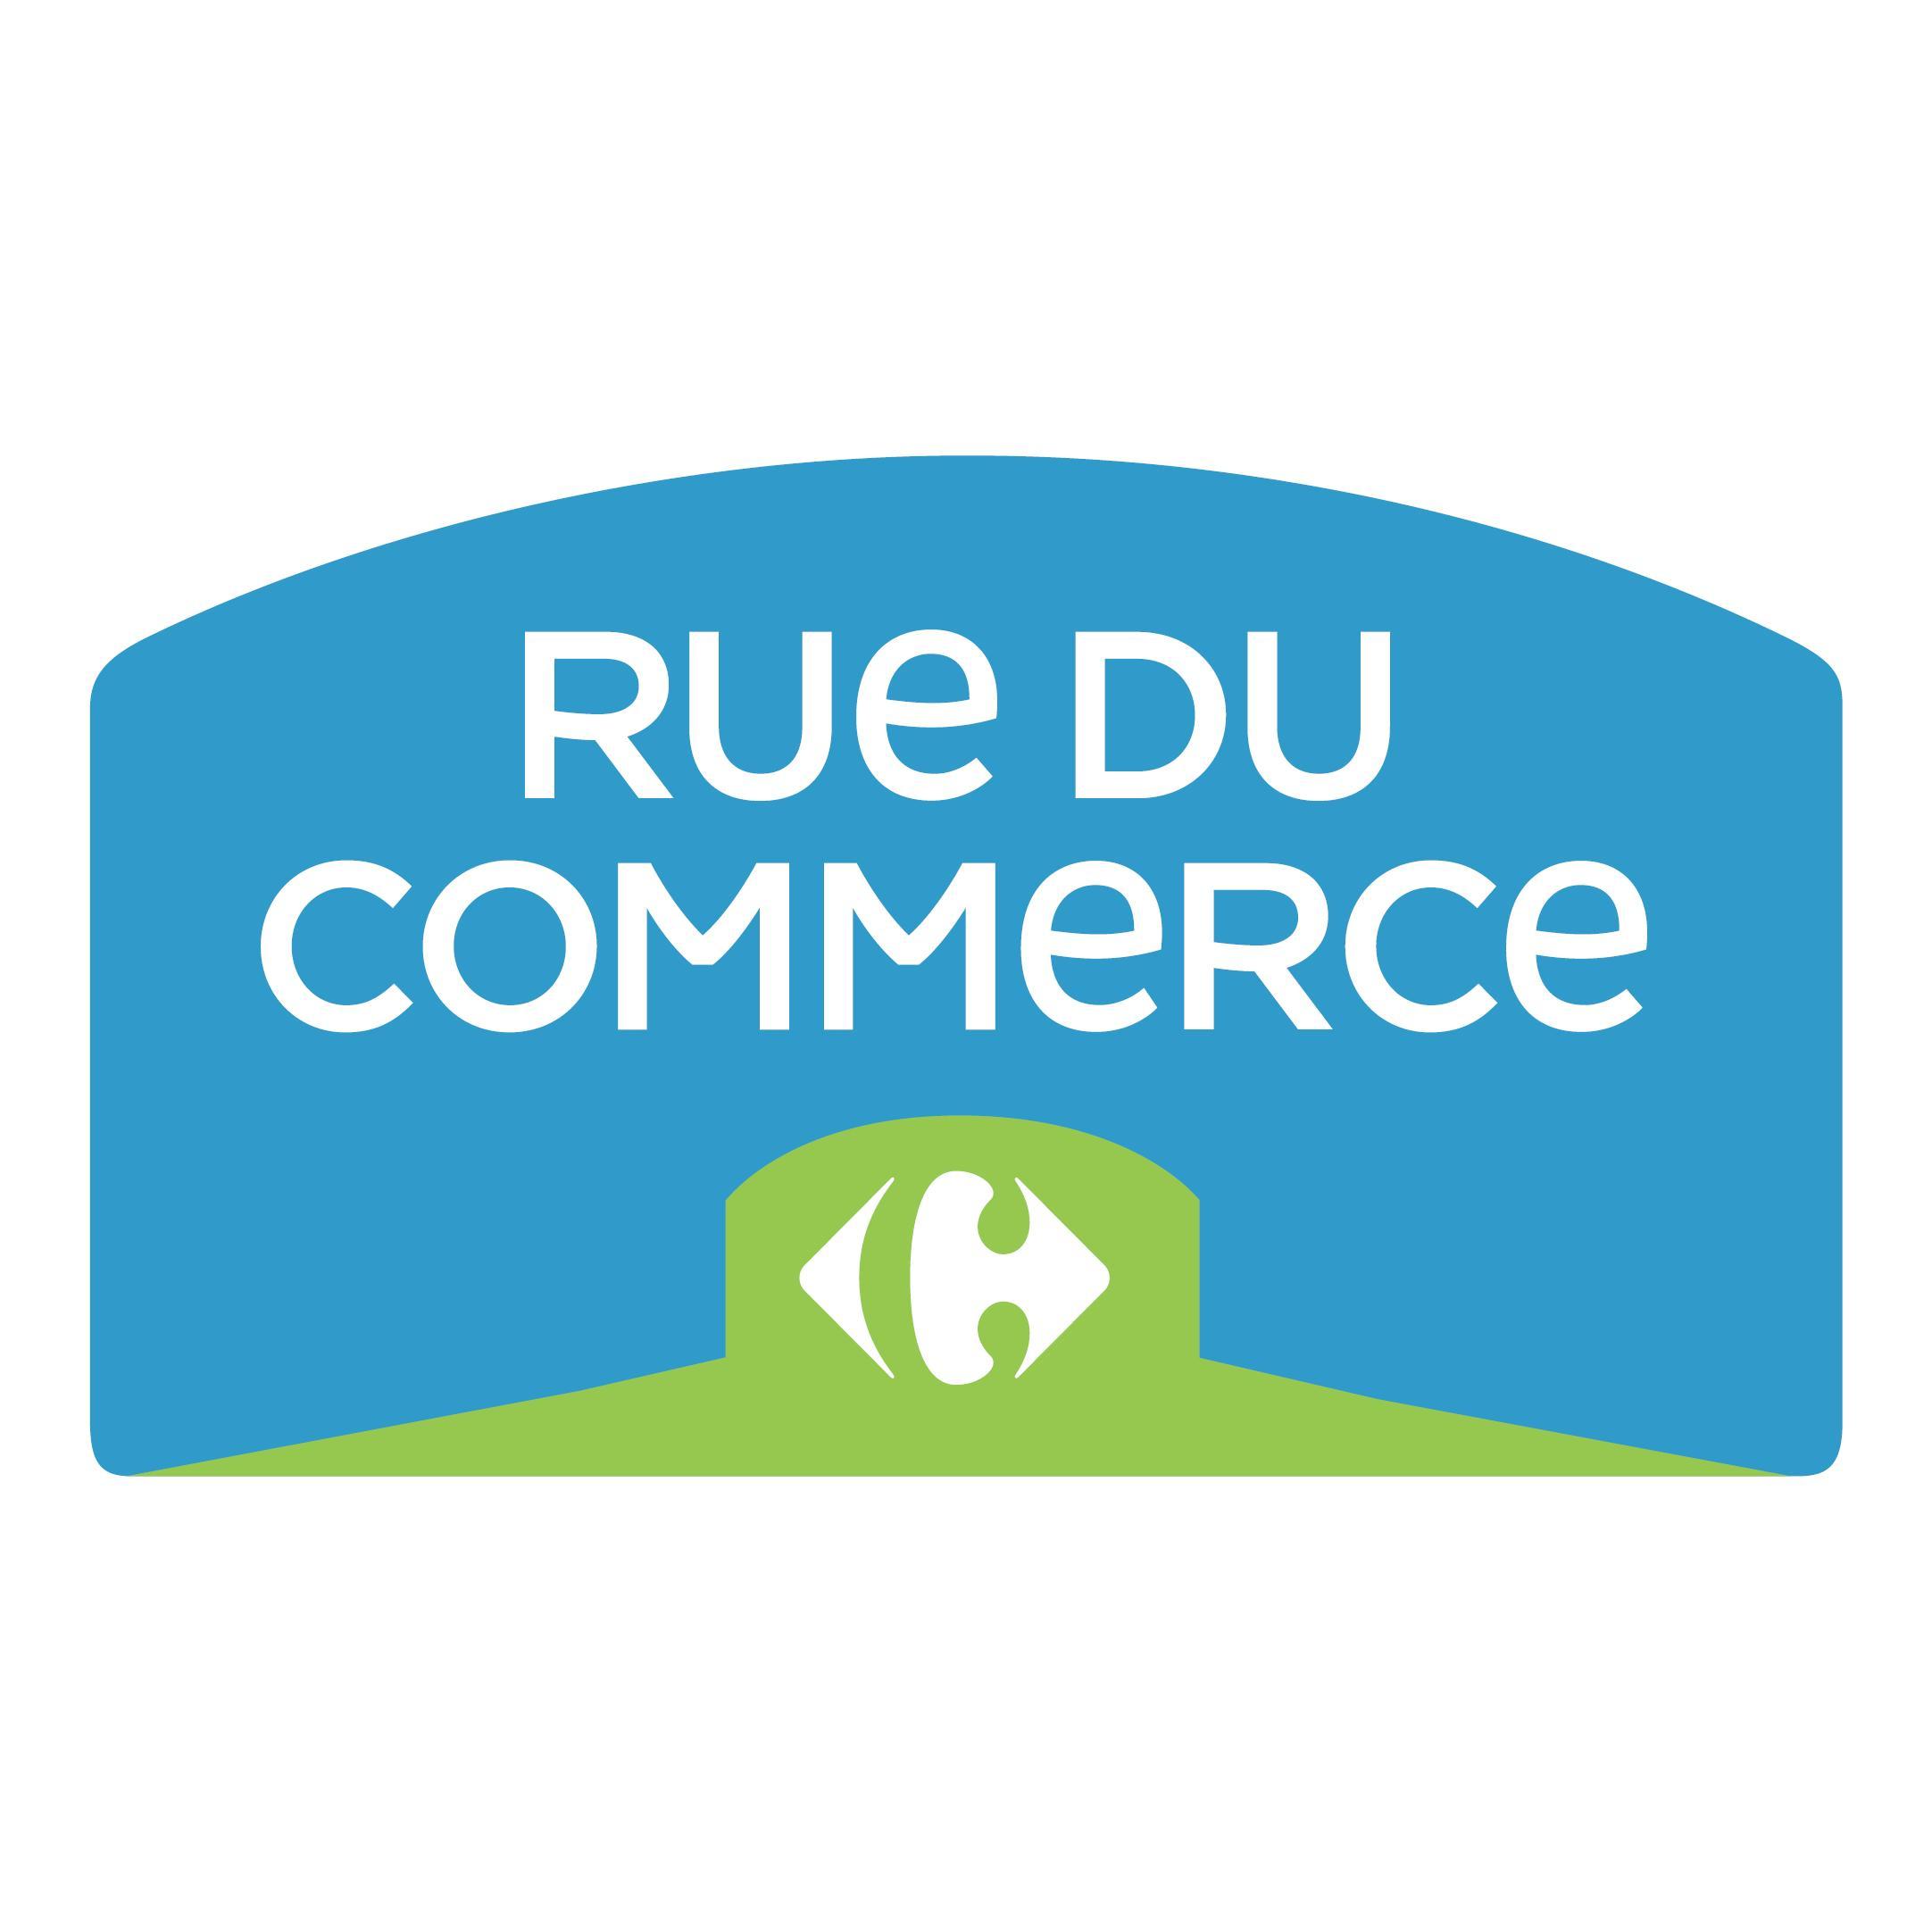 20 de r duction d s 349 d 39 achat 30 d s 499 et 50 d s - Code promo rue du commerce frais de port gratuit ...